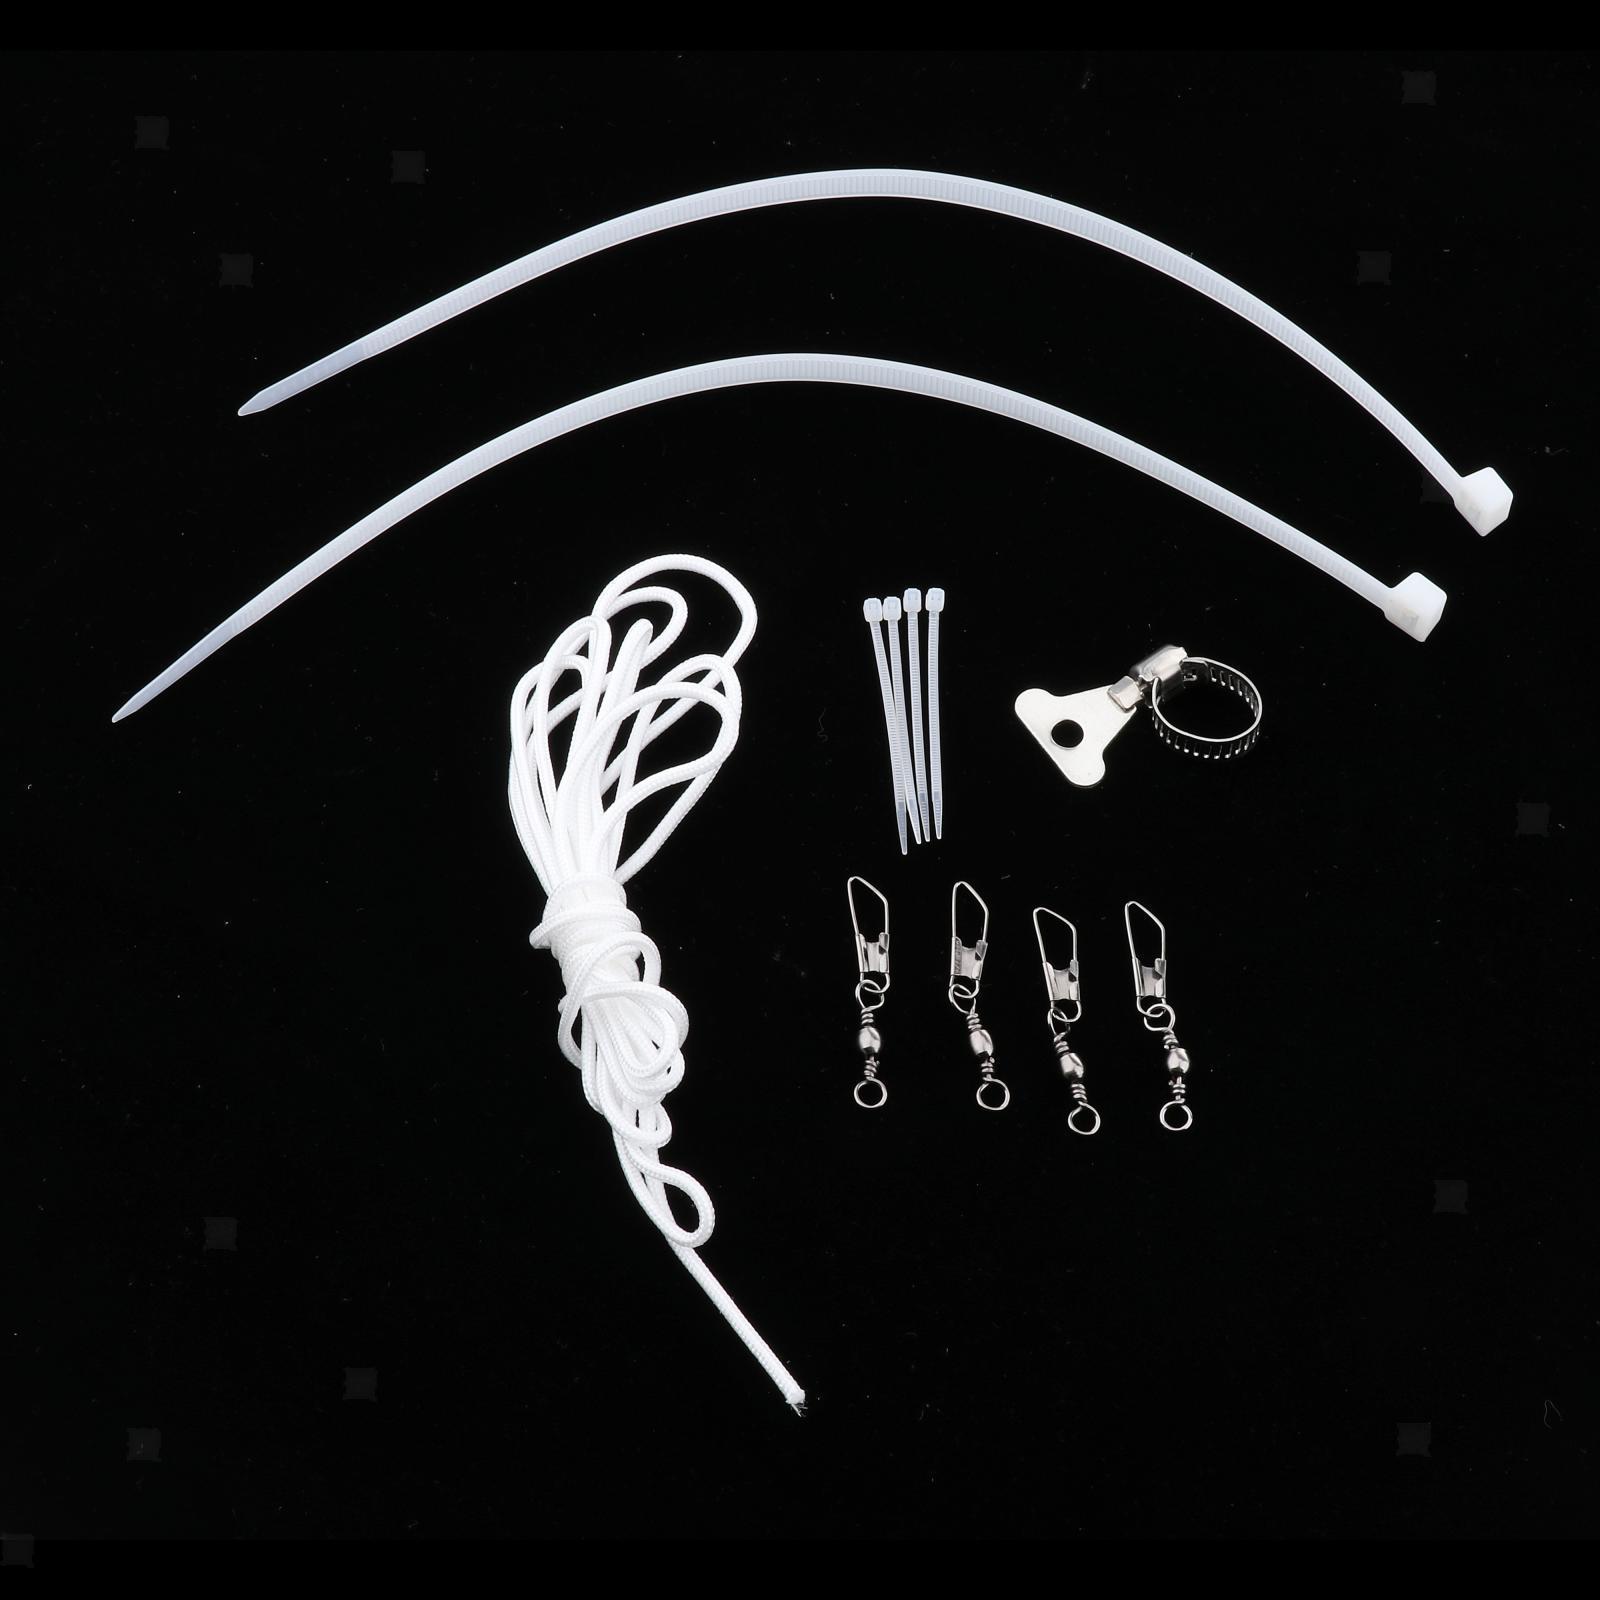 Indexbild 10 - Fahnenmast Hardware Teile Reparatur Halyard Seil Und 4 PCS Metall Haken Clips